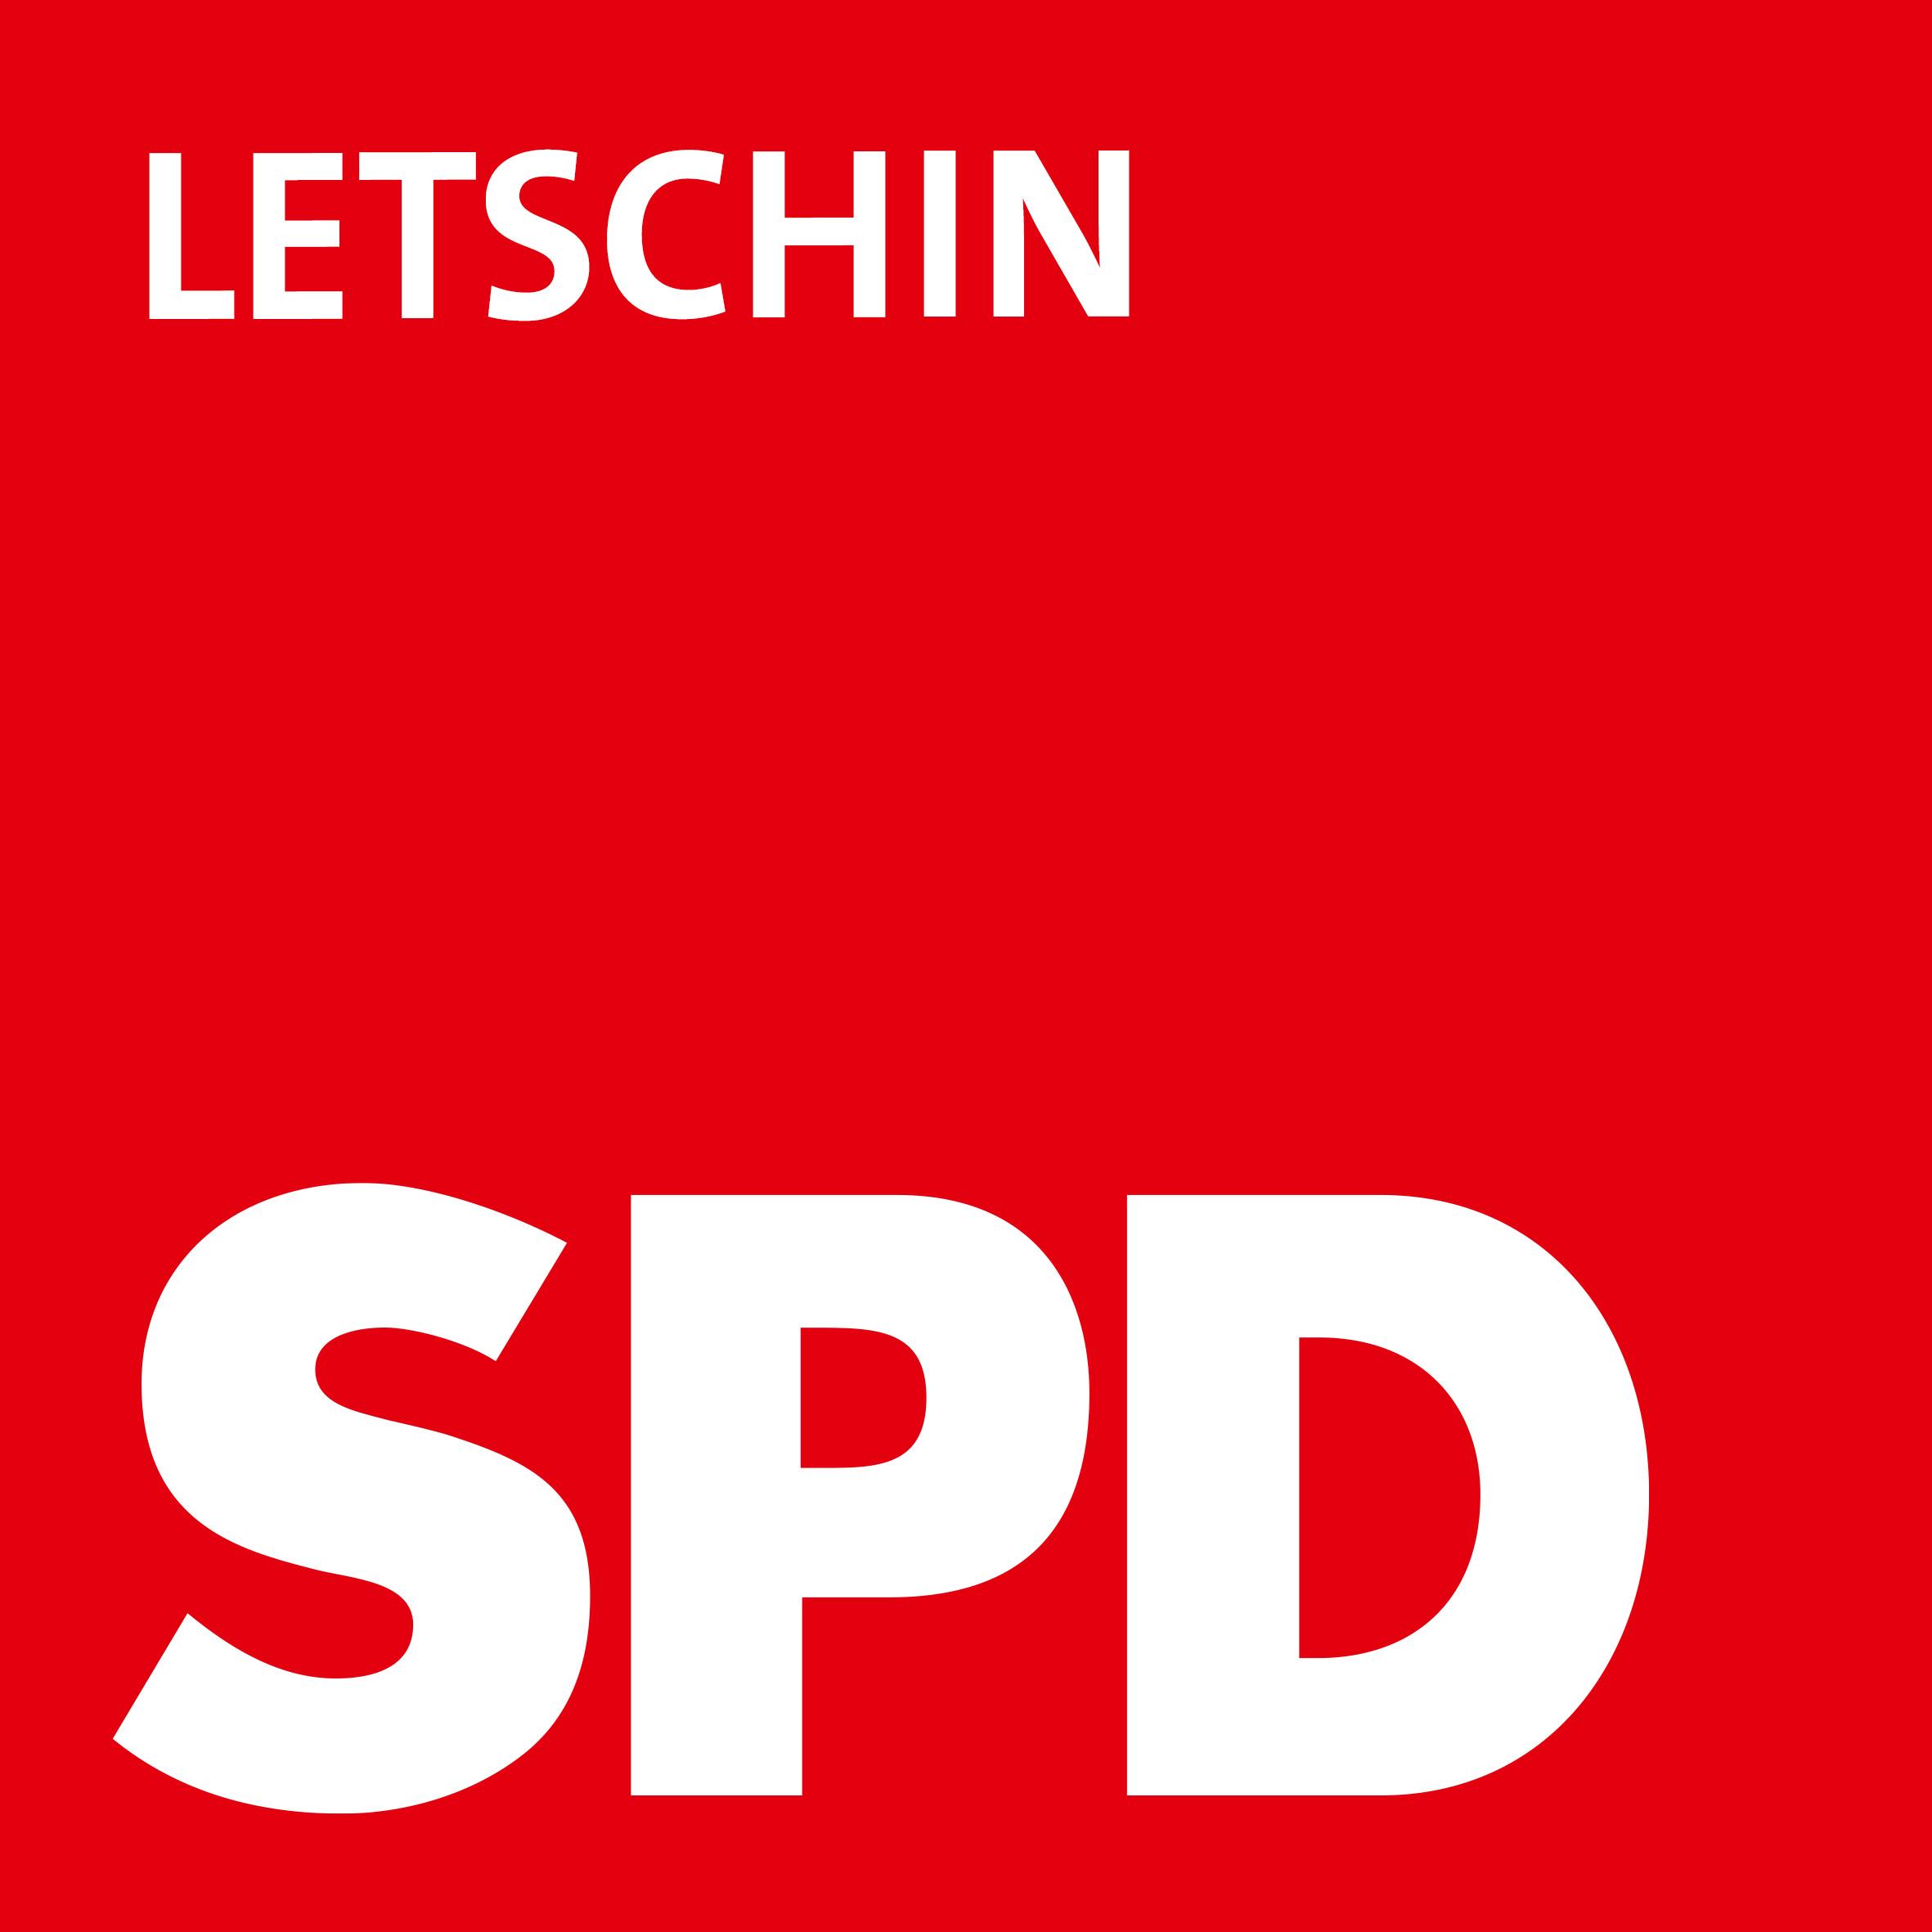 SPD Letschin